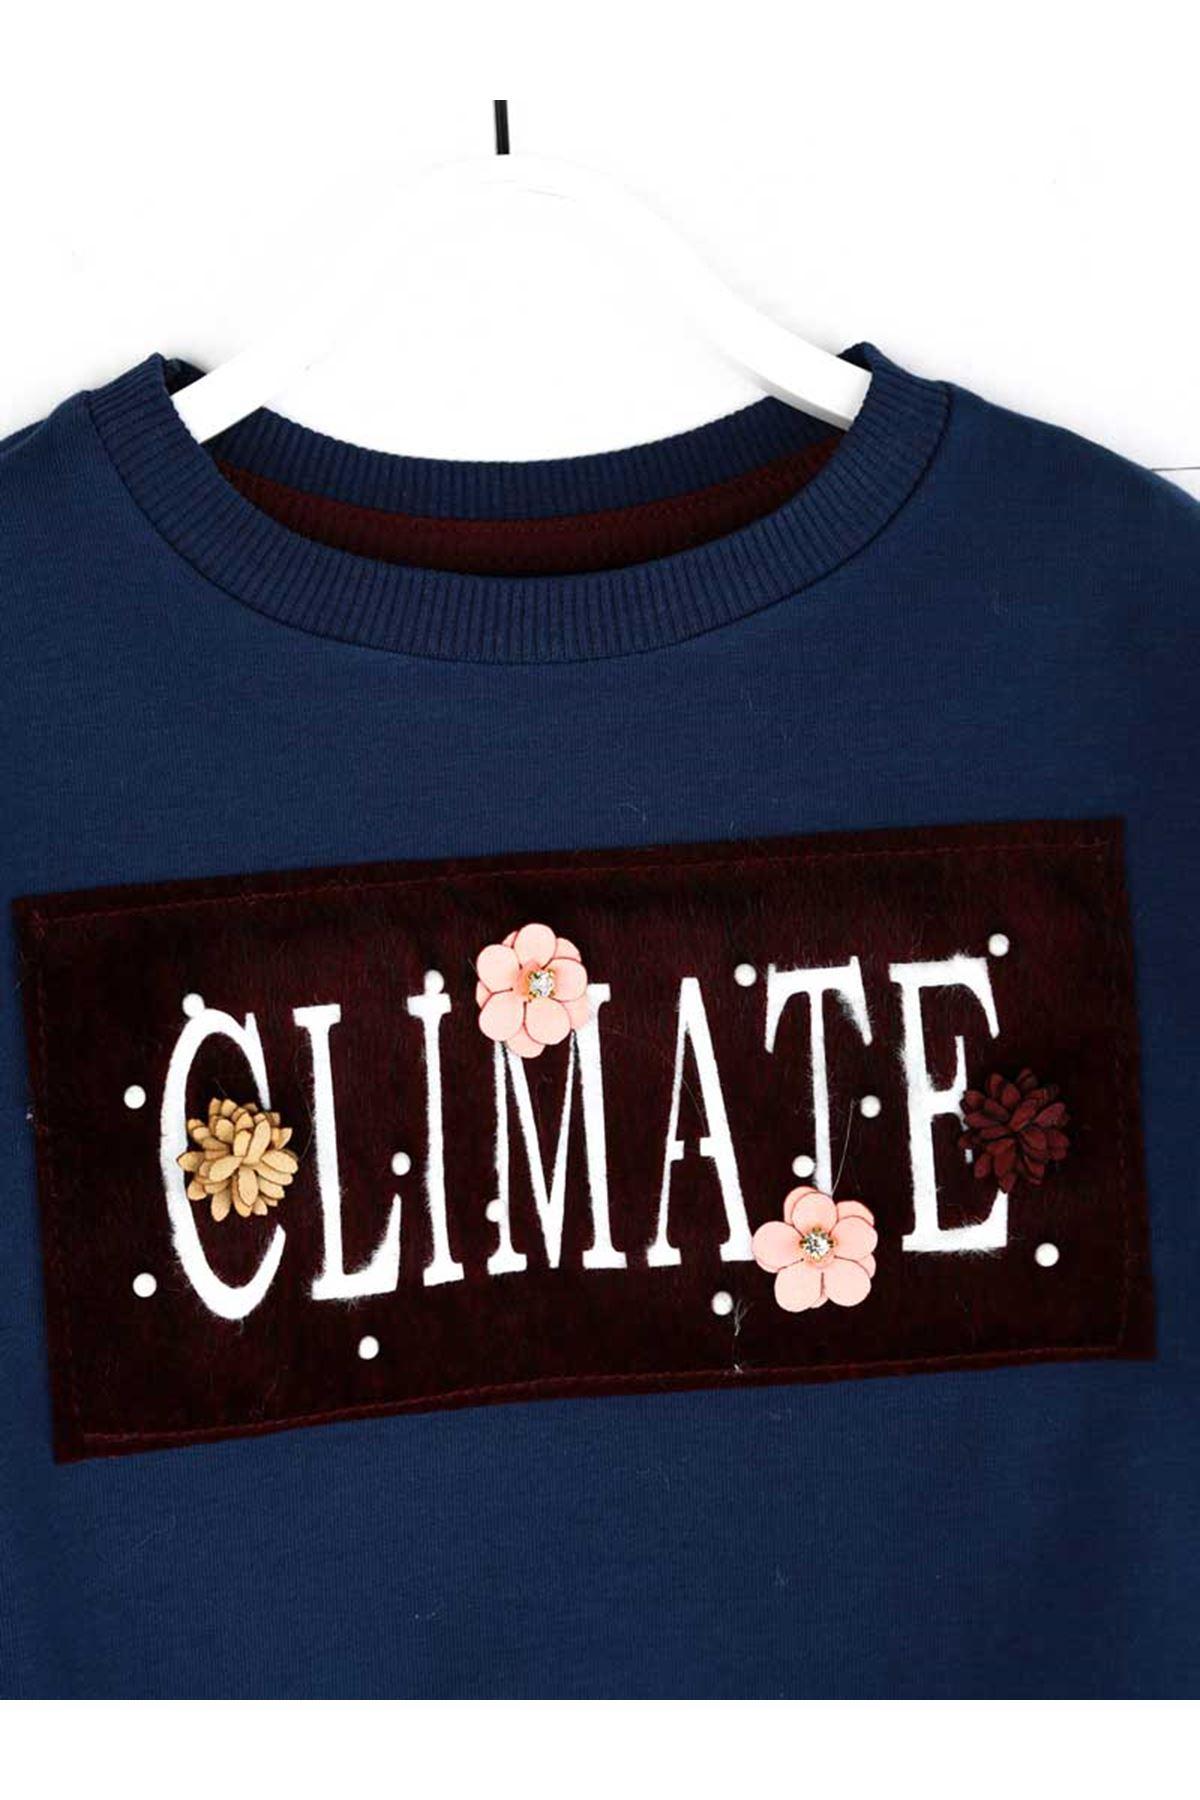 Indigo Seasonal Girl Child Sweatshirt